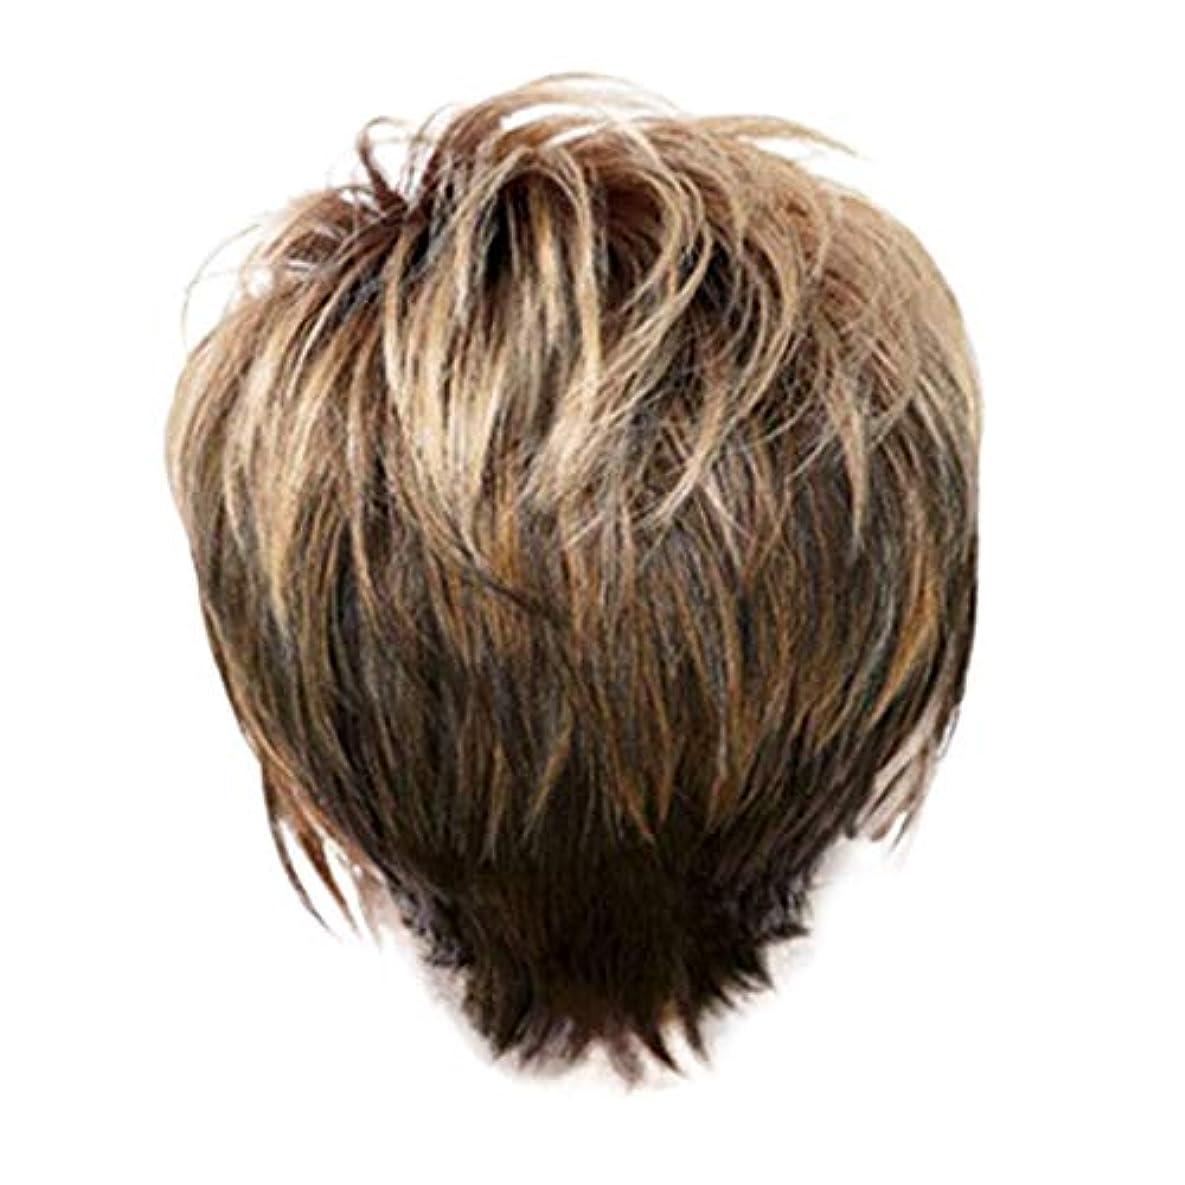 流行しているフェミニン繁栄するウィッグ女性の金茶色の短いストレートヘアファッションセクシーなかつら31 cm